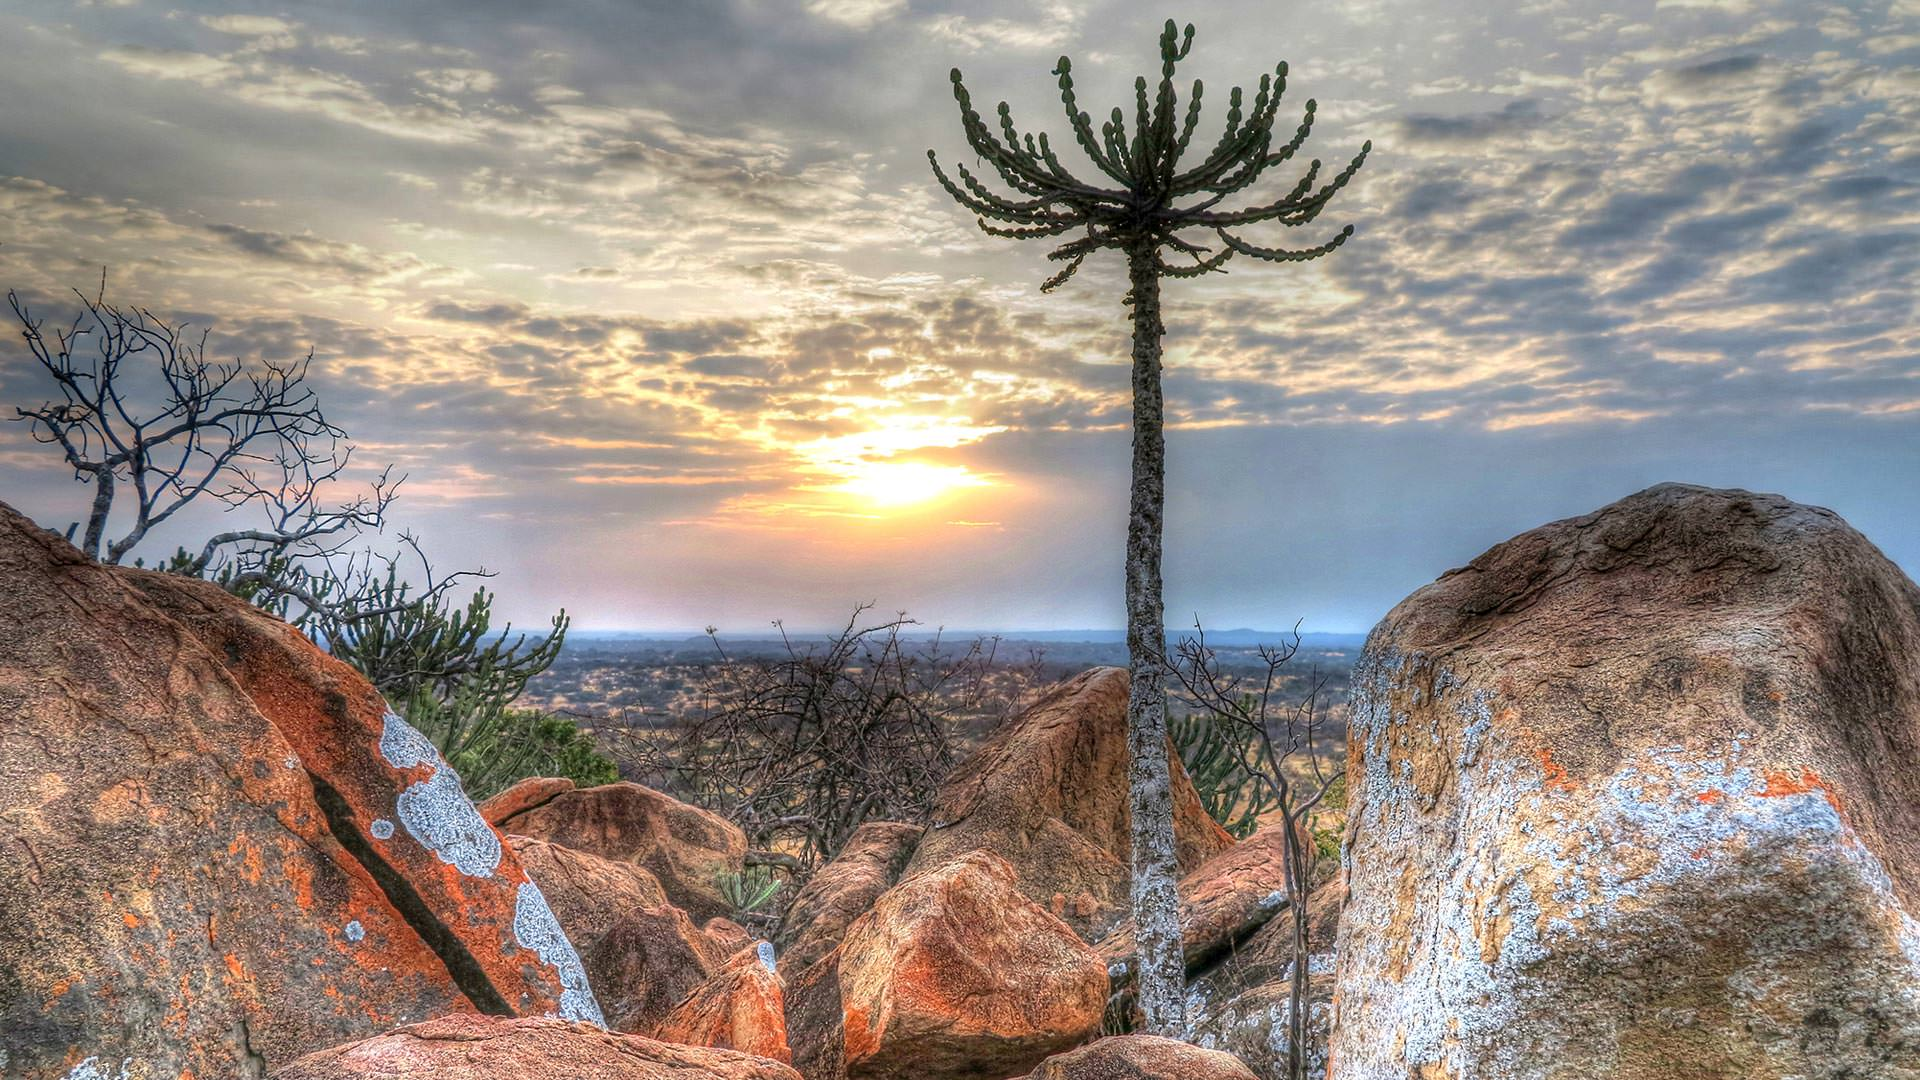 Euphorbia cactus on a rock kopje